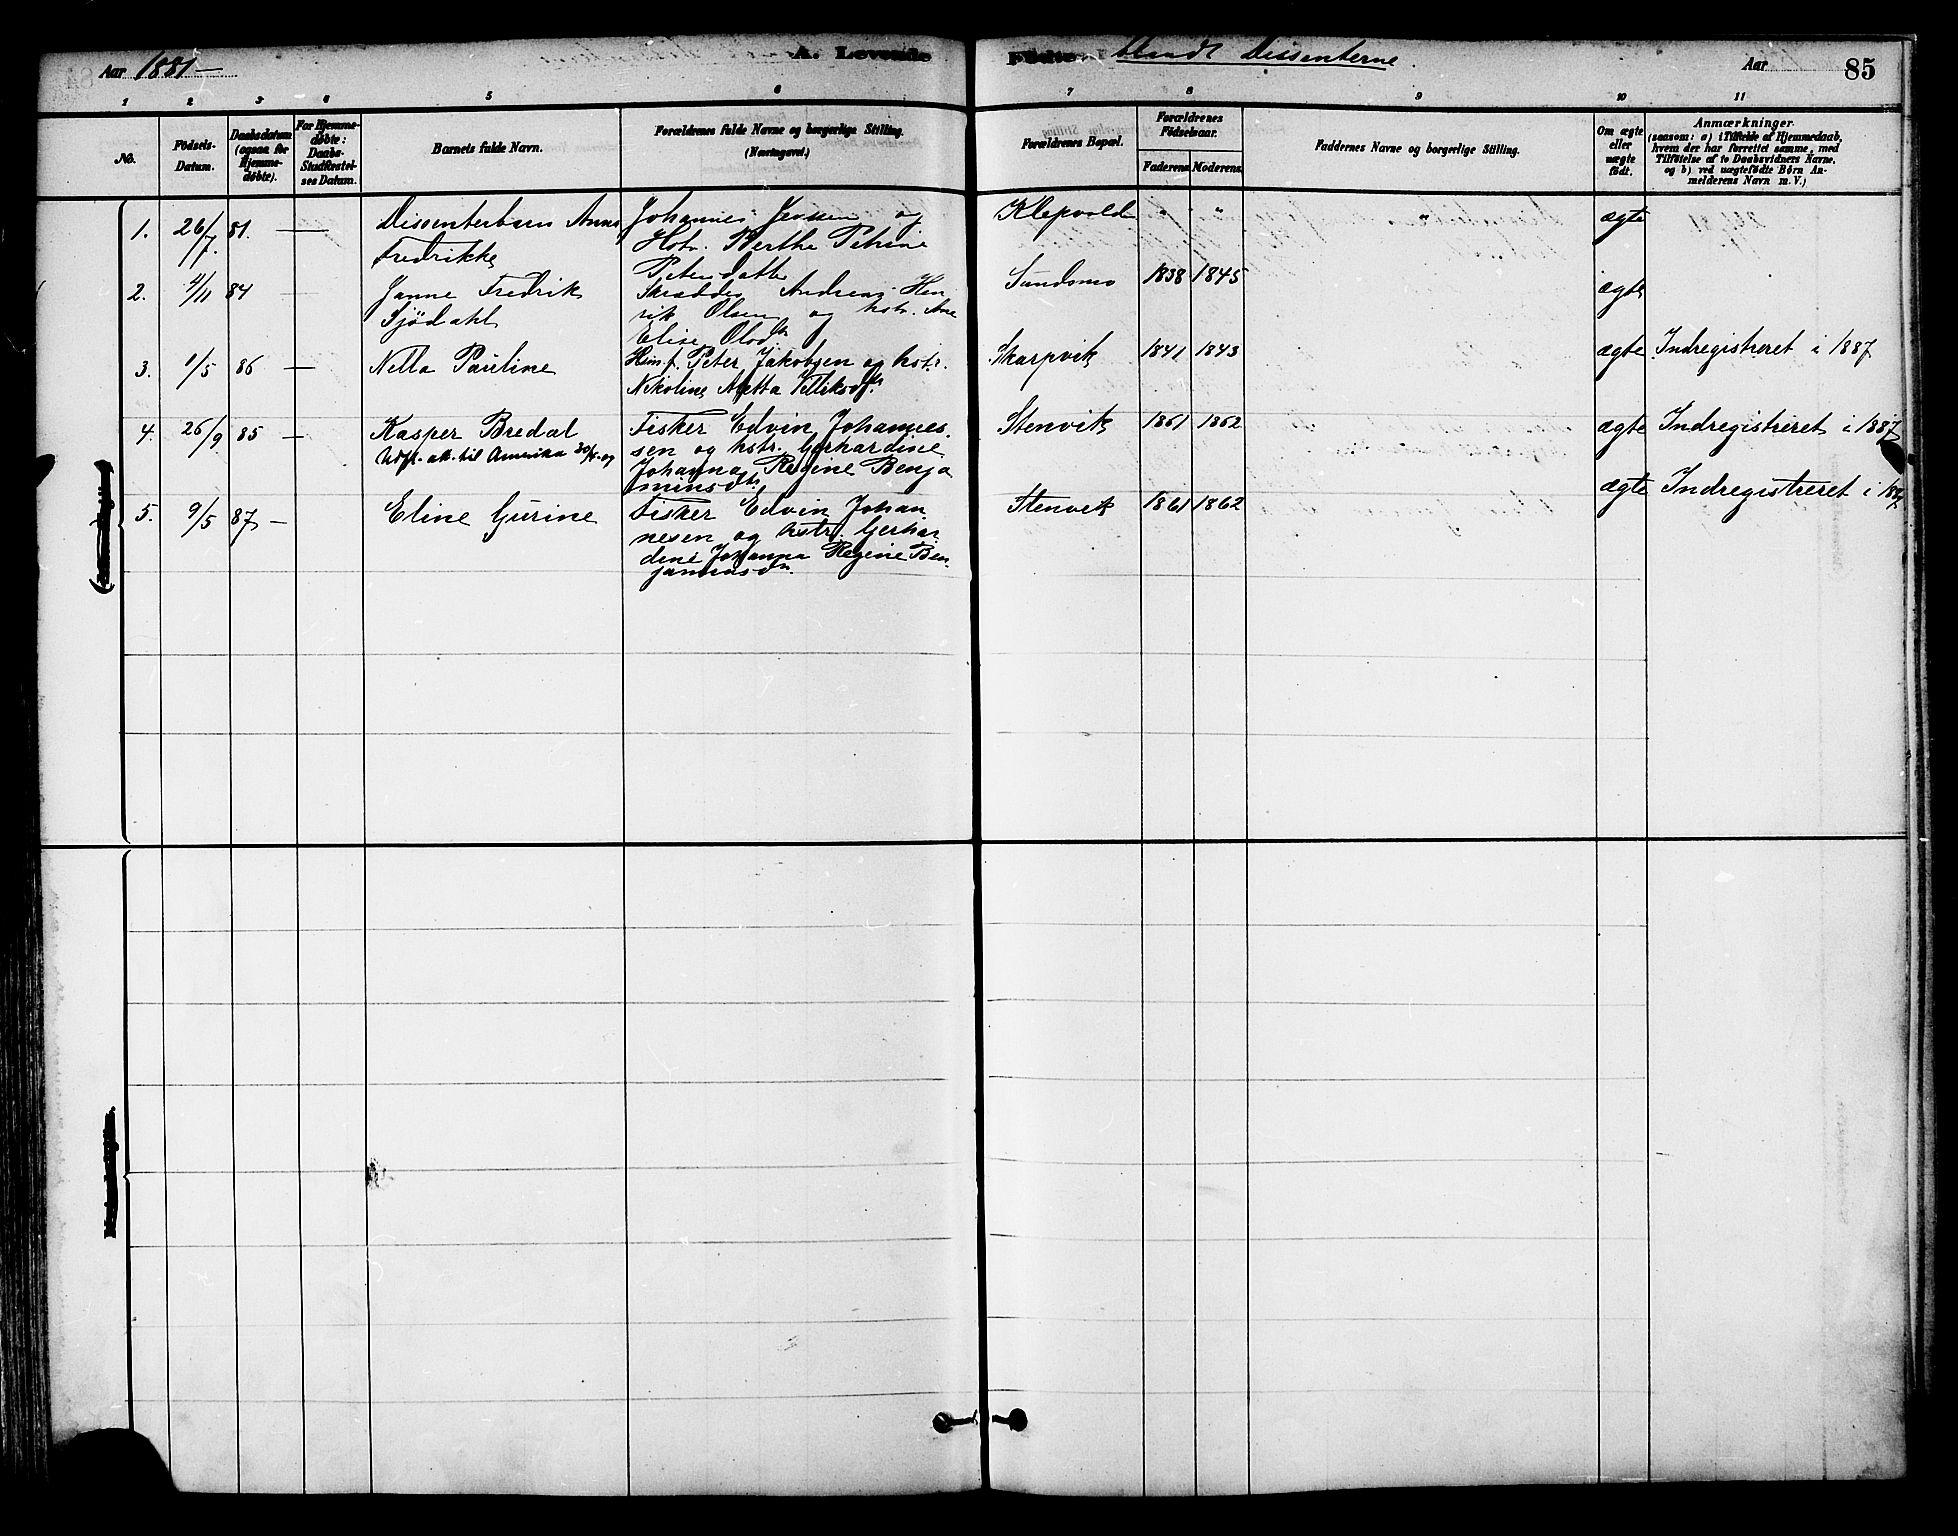 SAT, Ministerialprotokoller, klokkerbøker og fødselsregistre - Nord-Trøndelag, 786/L0686: Ministerialbok nr. 786A02, 1880-1887, s. 85